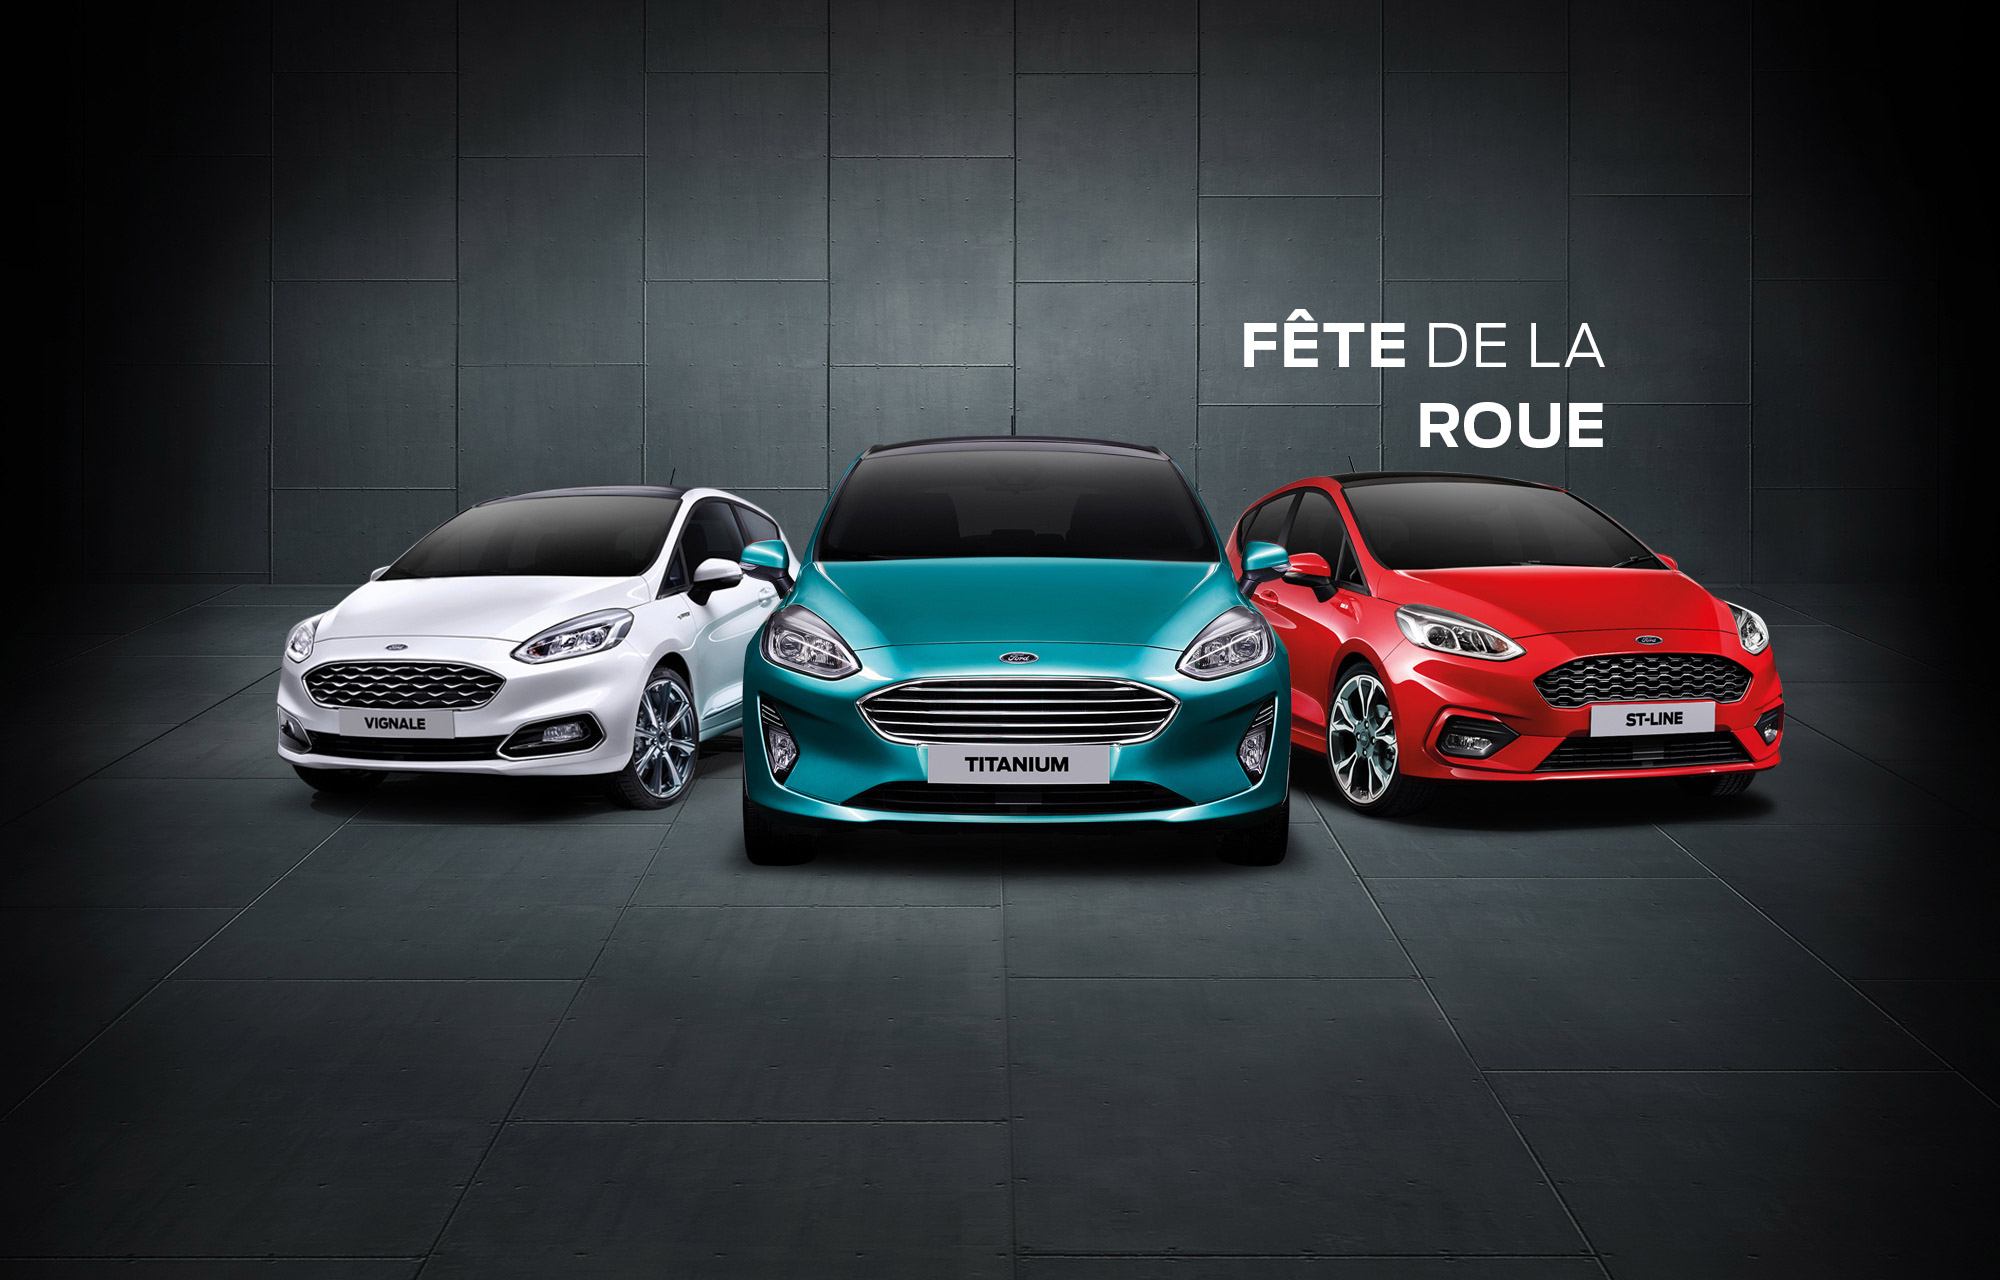 Venez nous rencontrer au salon de l'automobile la Fête de la Roue !